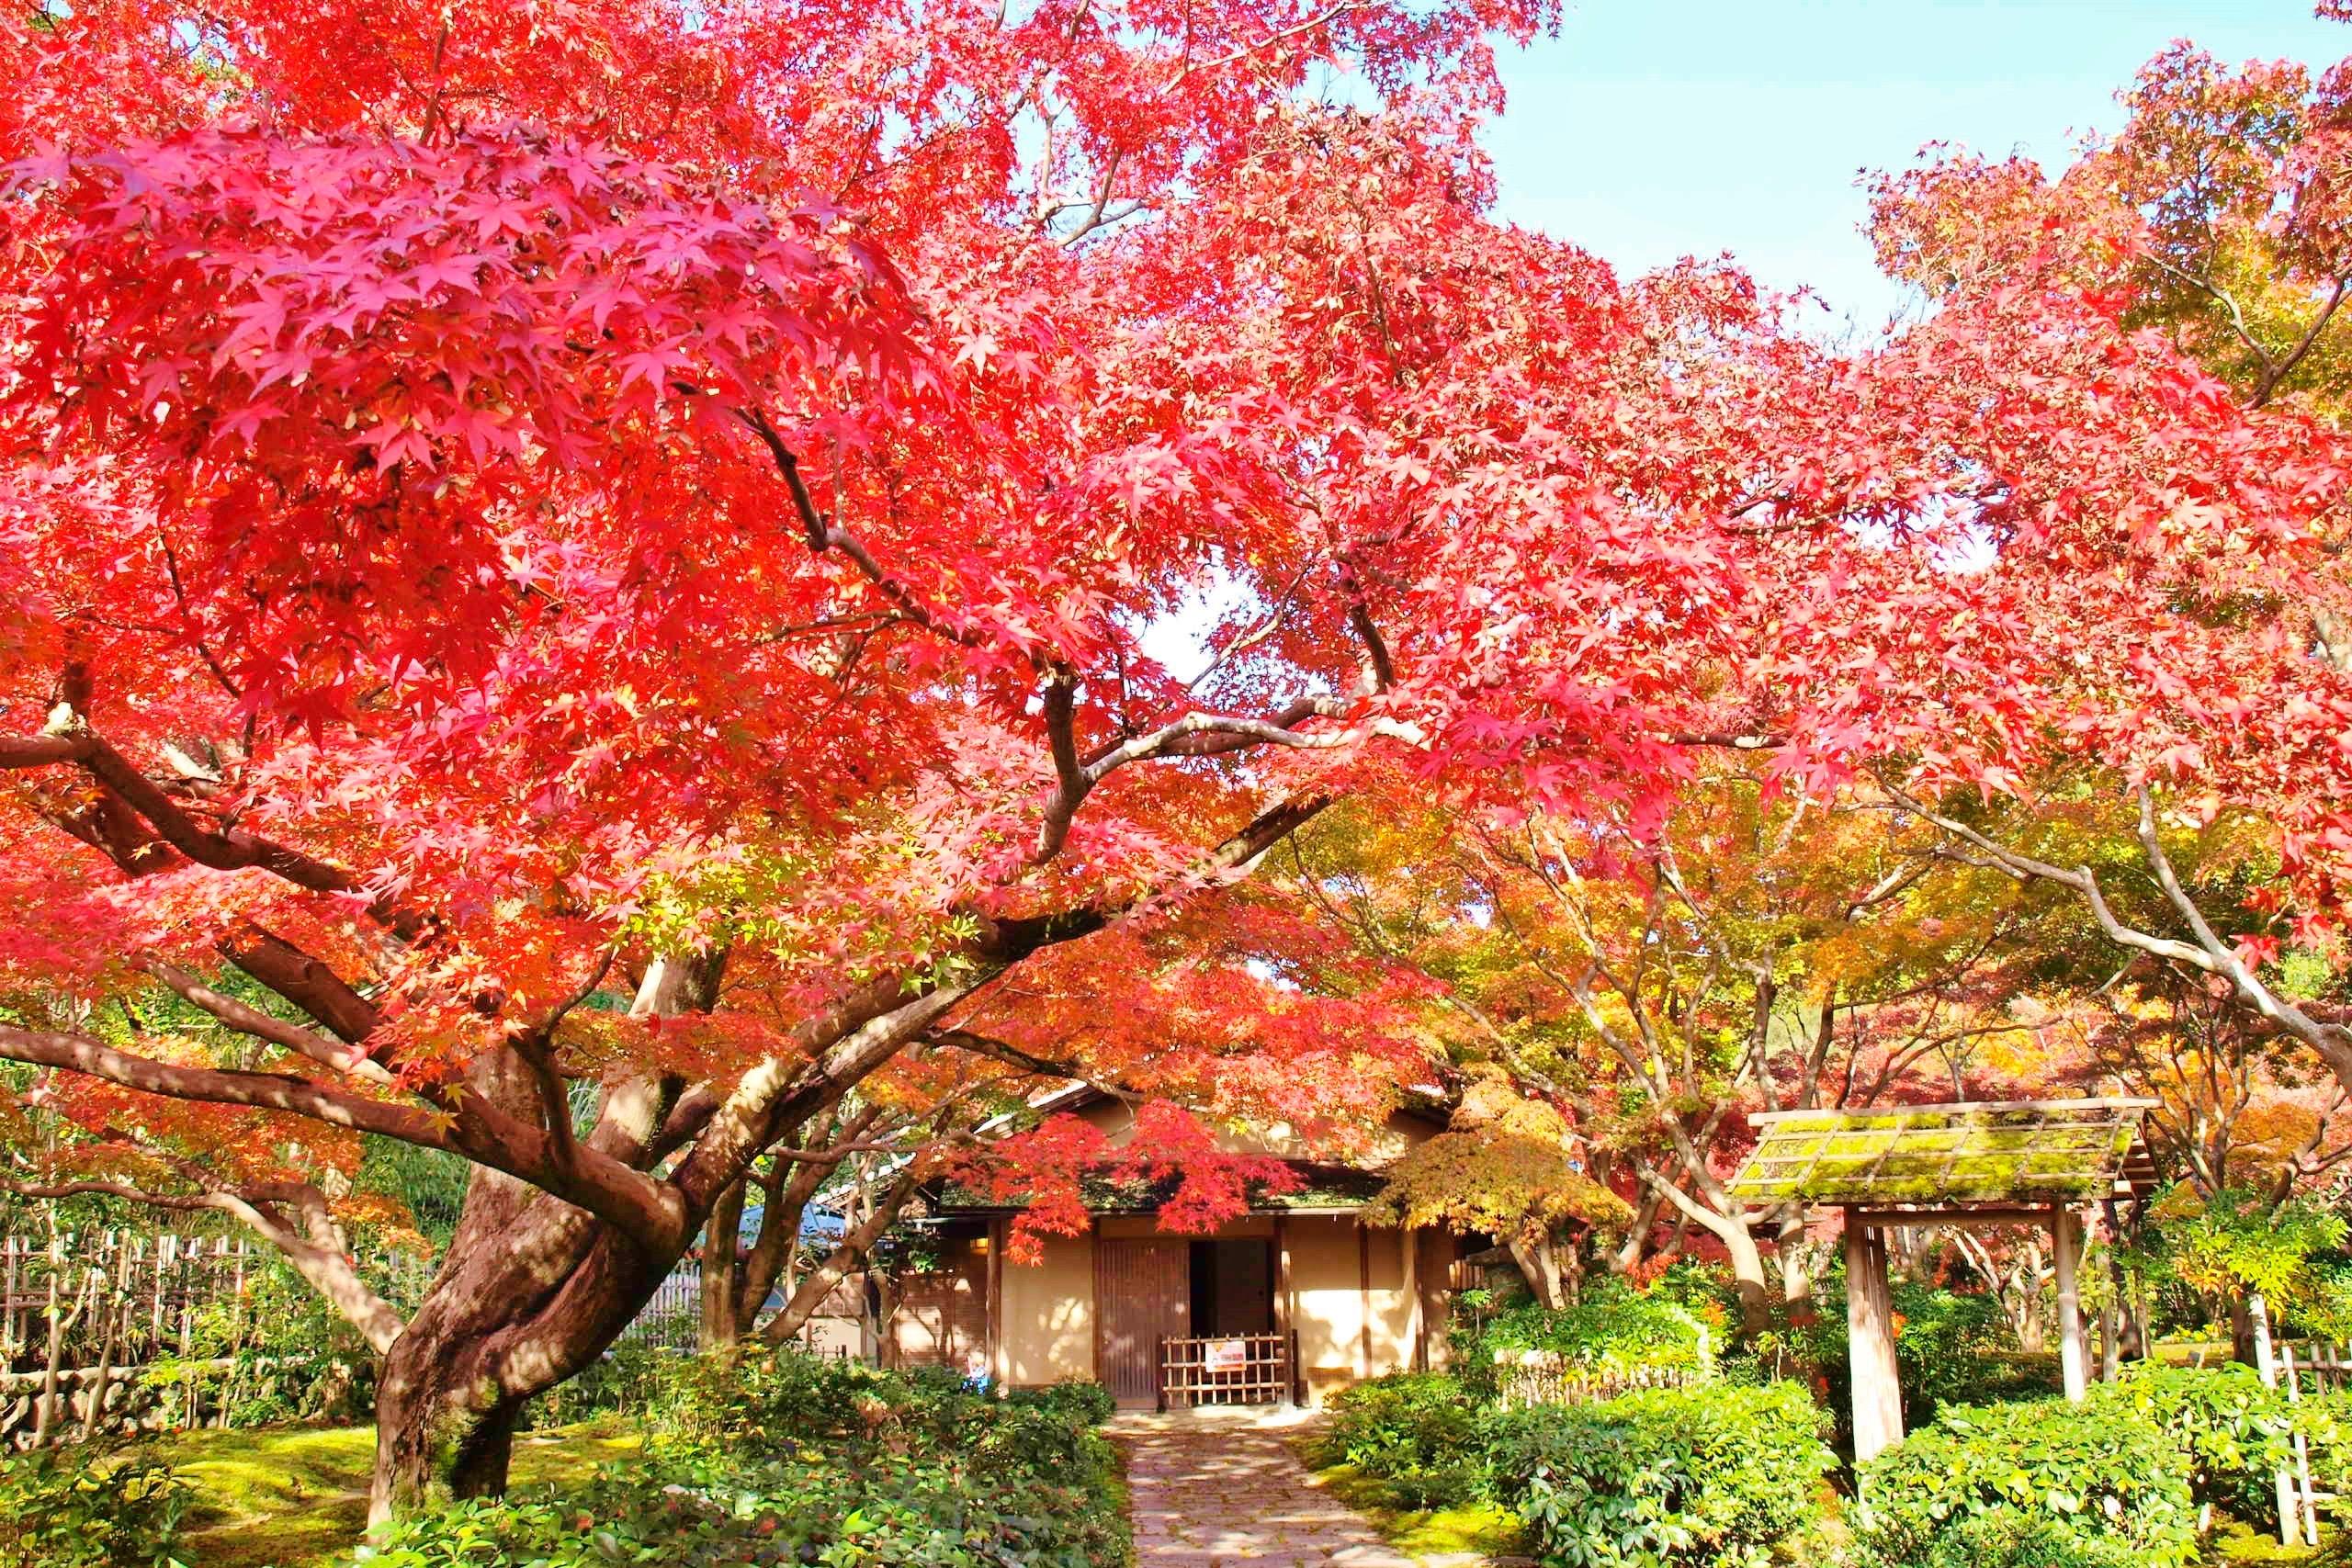 【大阪紅葉】週末に行きたい!大阪にある紅葉スポット厳選5選